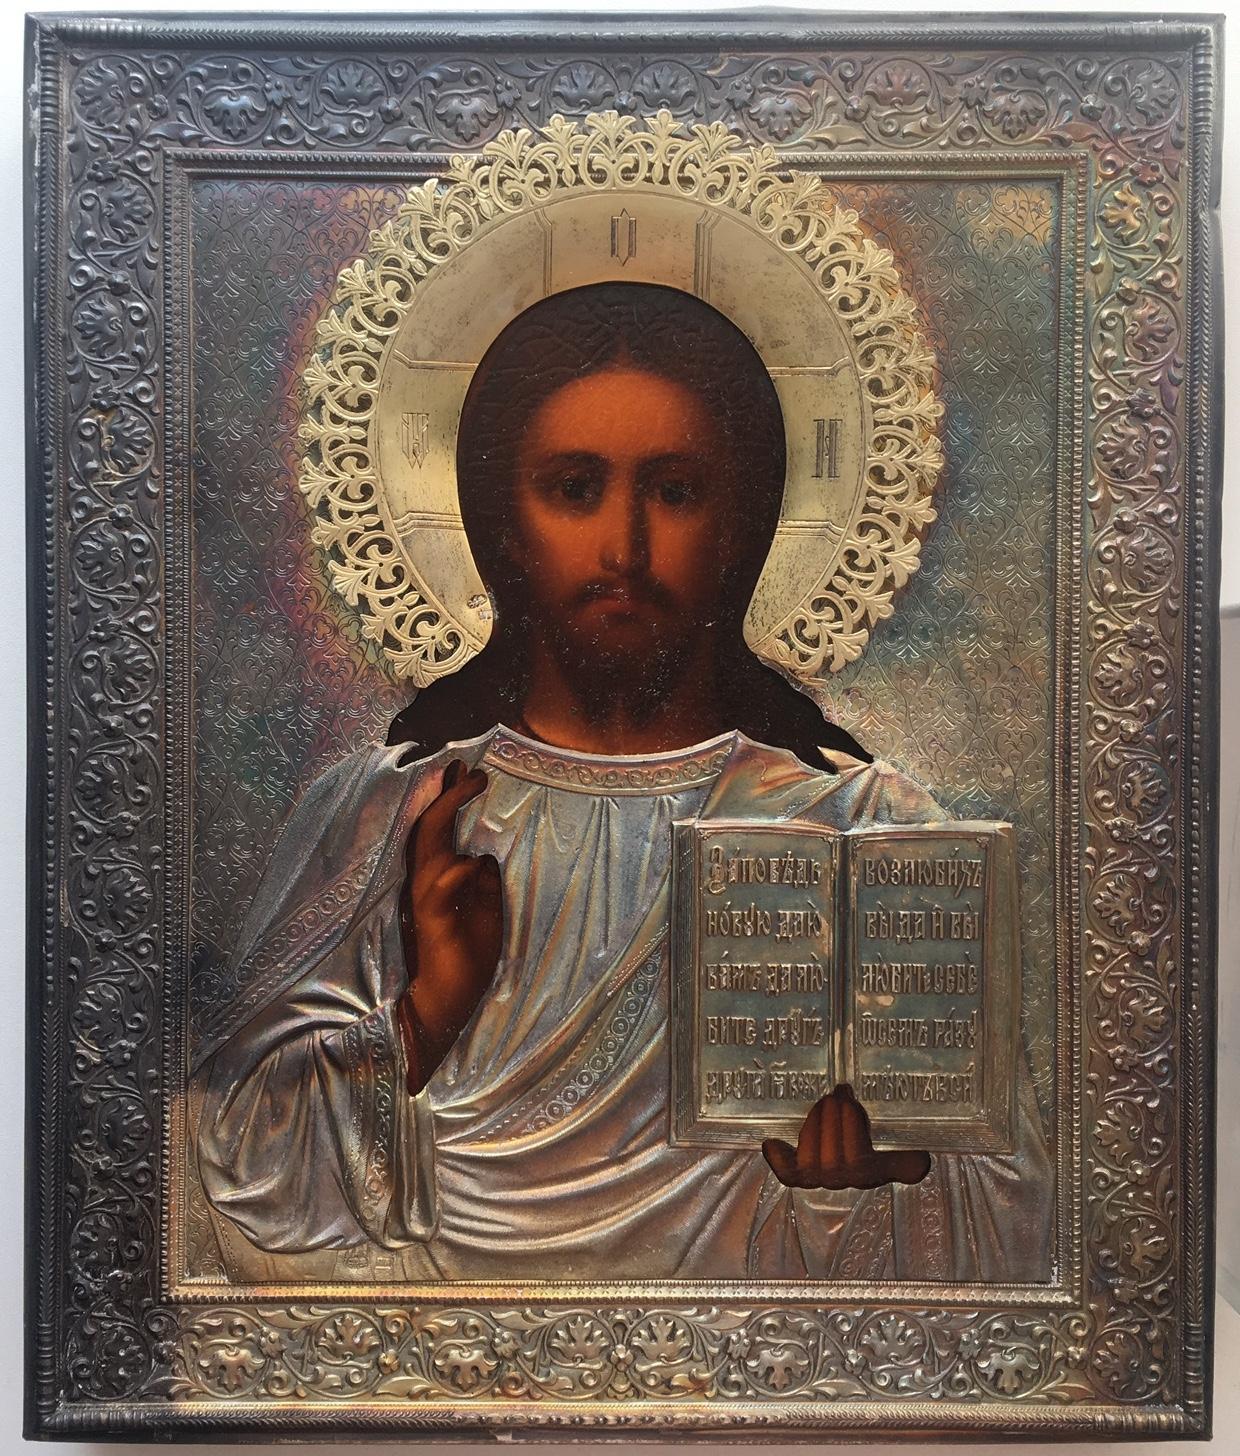 Икона Господь Вседержитель. Серебро 84 пр. Пётр Абросимов. Размер 27х22,7 см. Цена 340000 р.